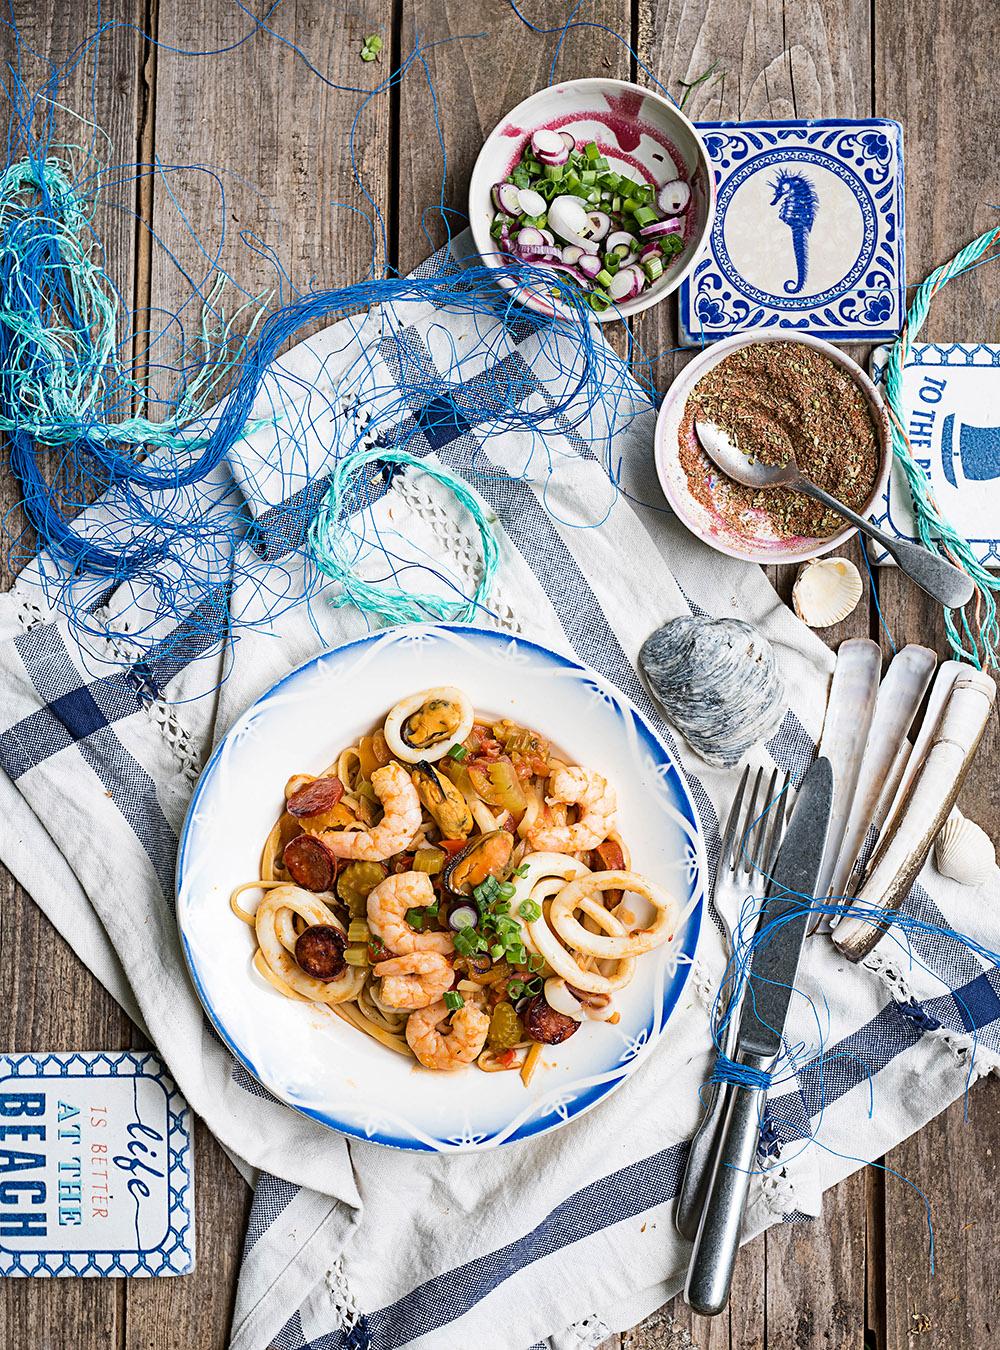 One Pot Pasta Jambalaya mit Meeresfrüchten - Pastalaya mit Frutti di Mare. Herzhaftes Südstaaten Soulfood, einfach, unkompliziert und so gut!